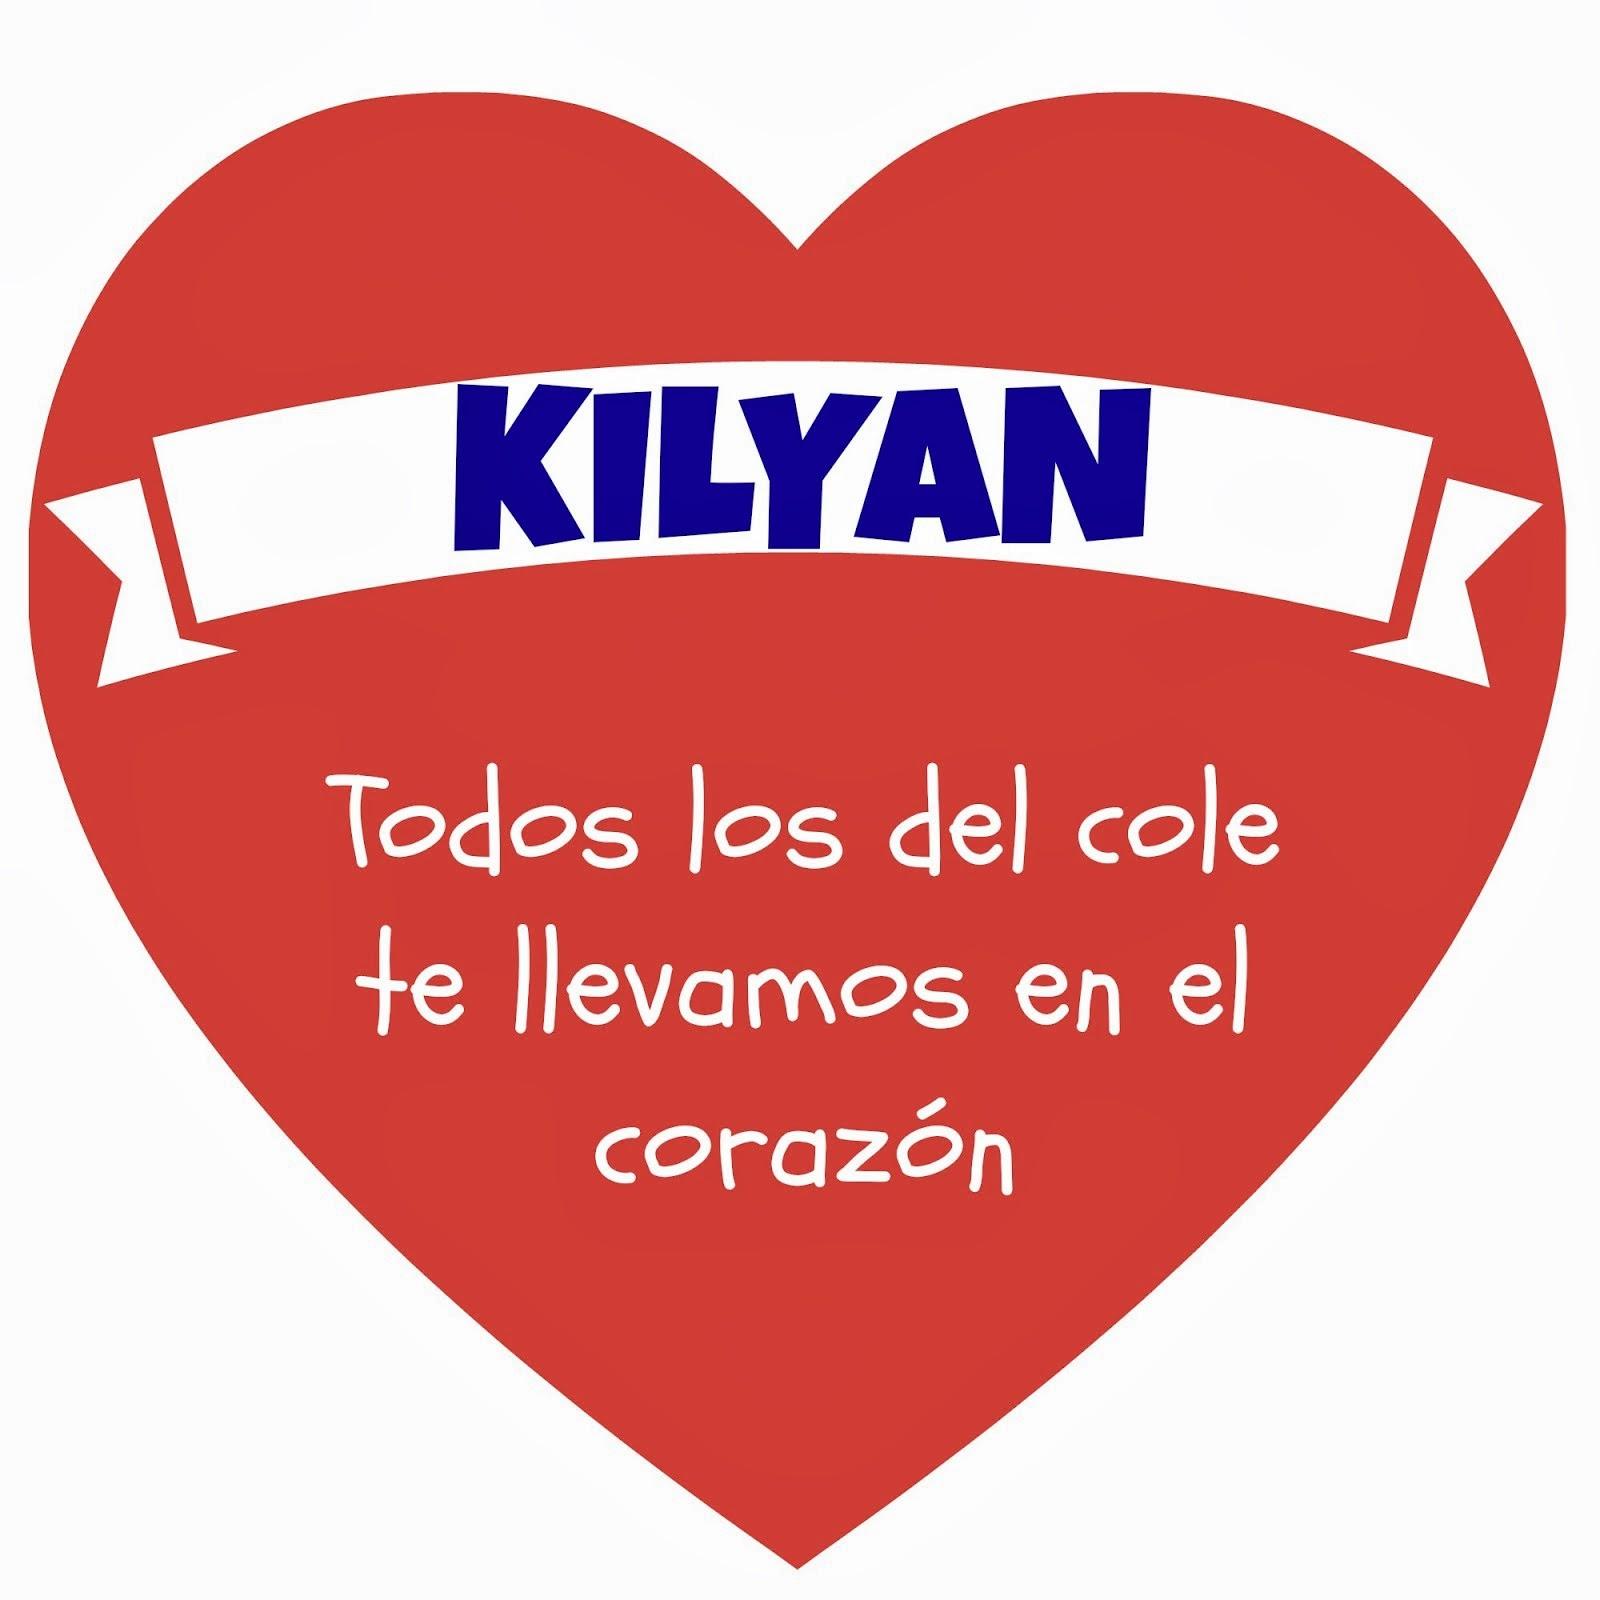 Para Kilyan